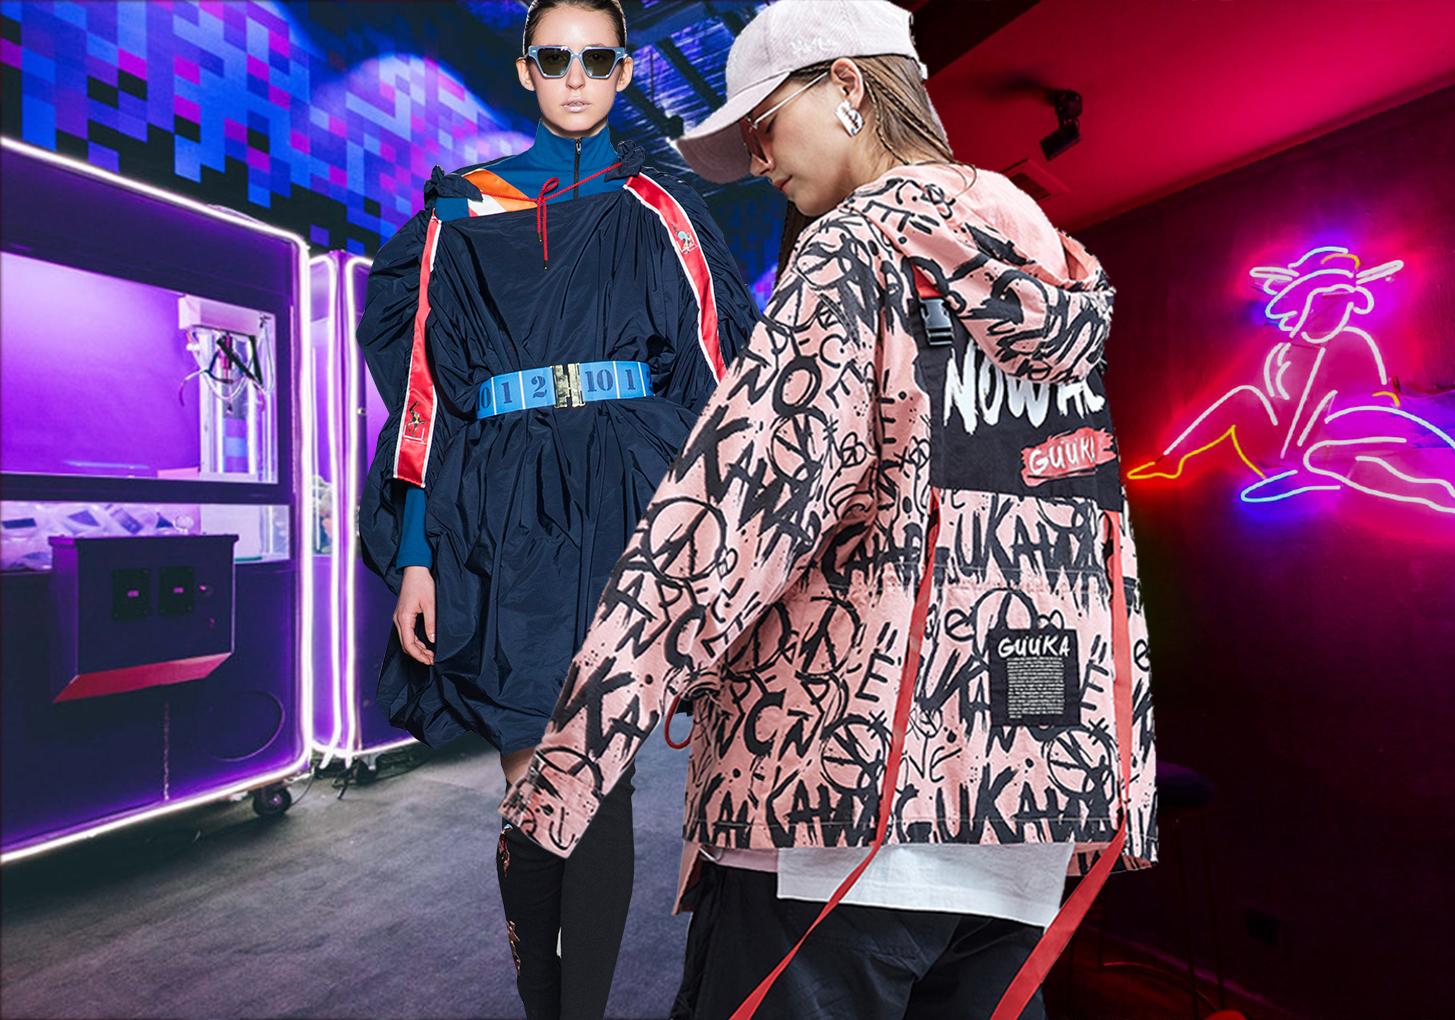 2020春夏女装潮牌外套工艺趋势预测--新潮主义